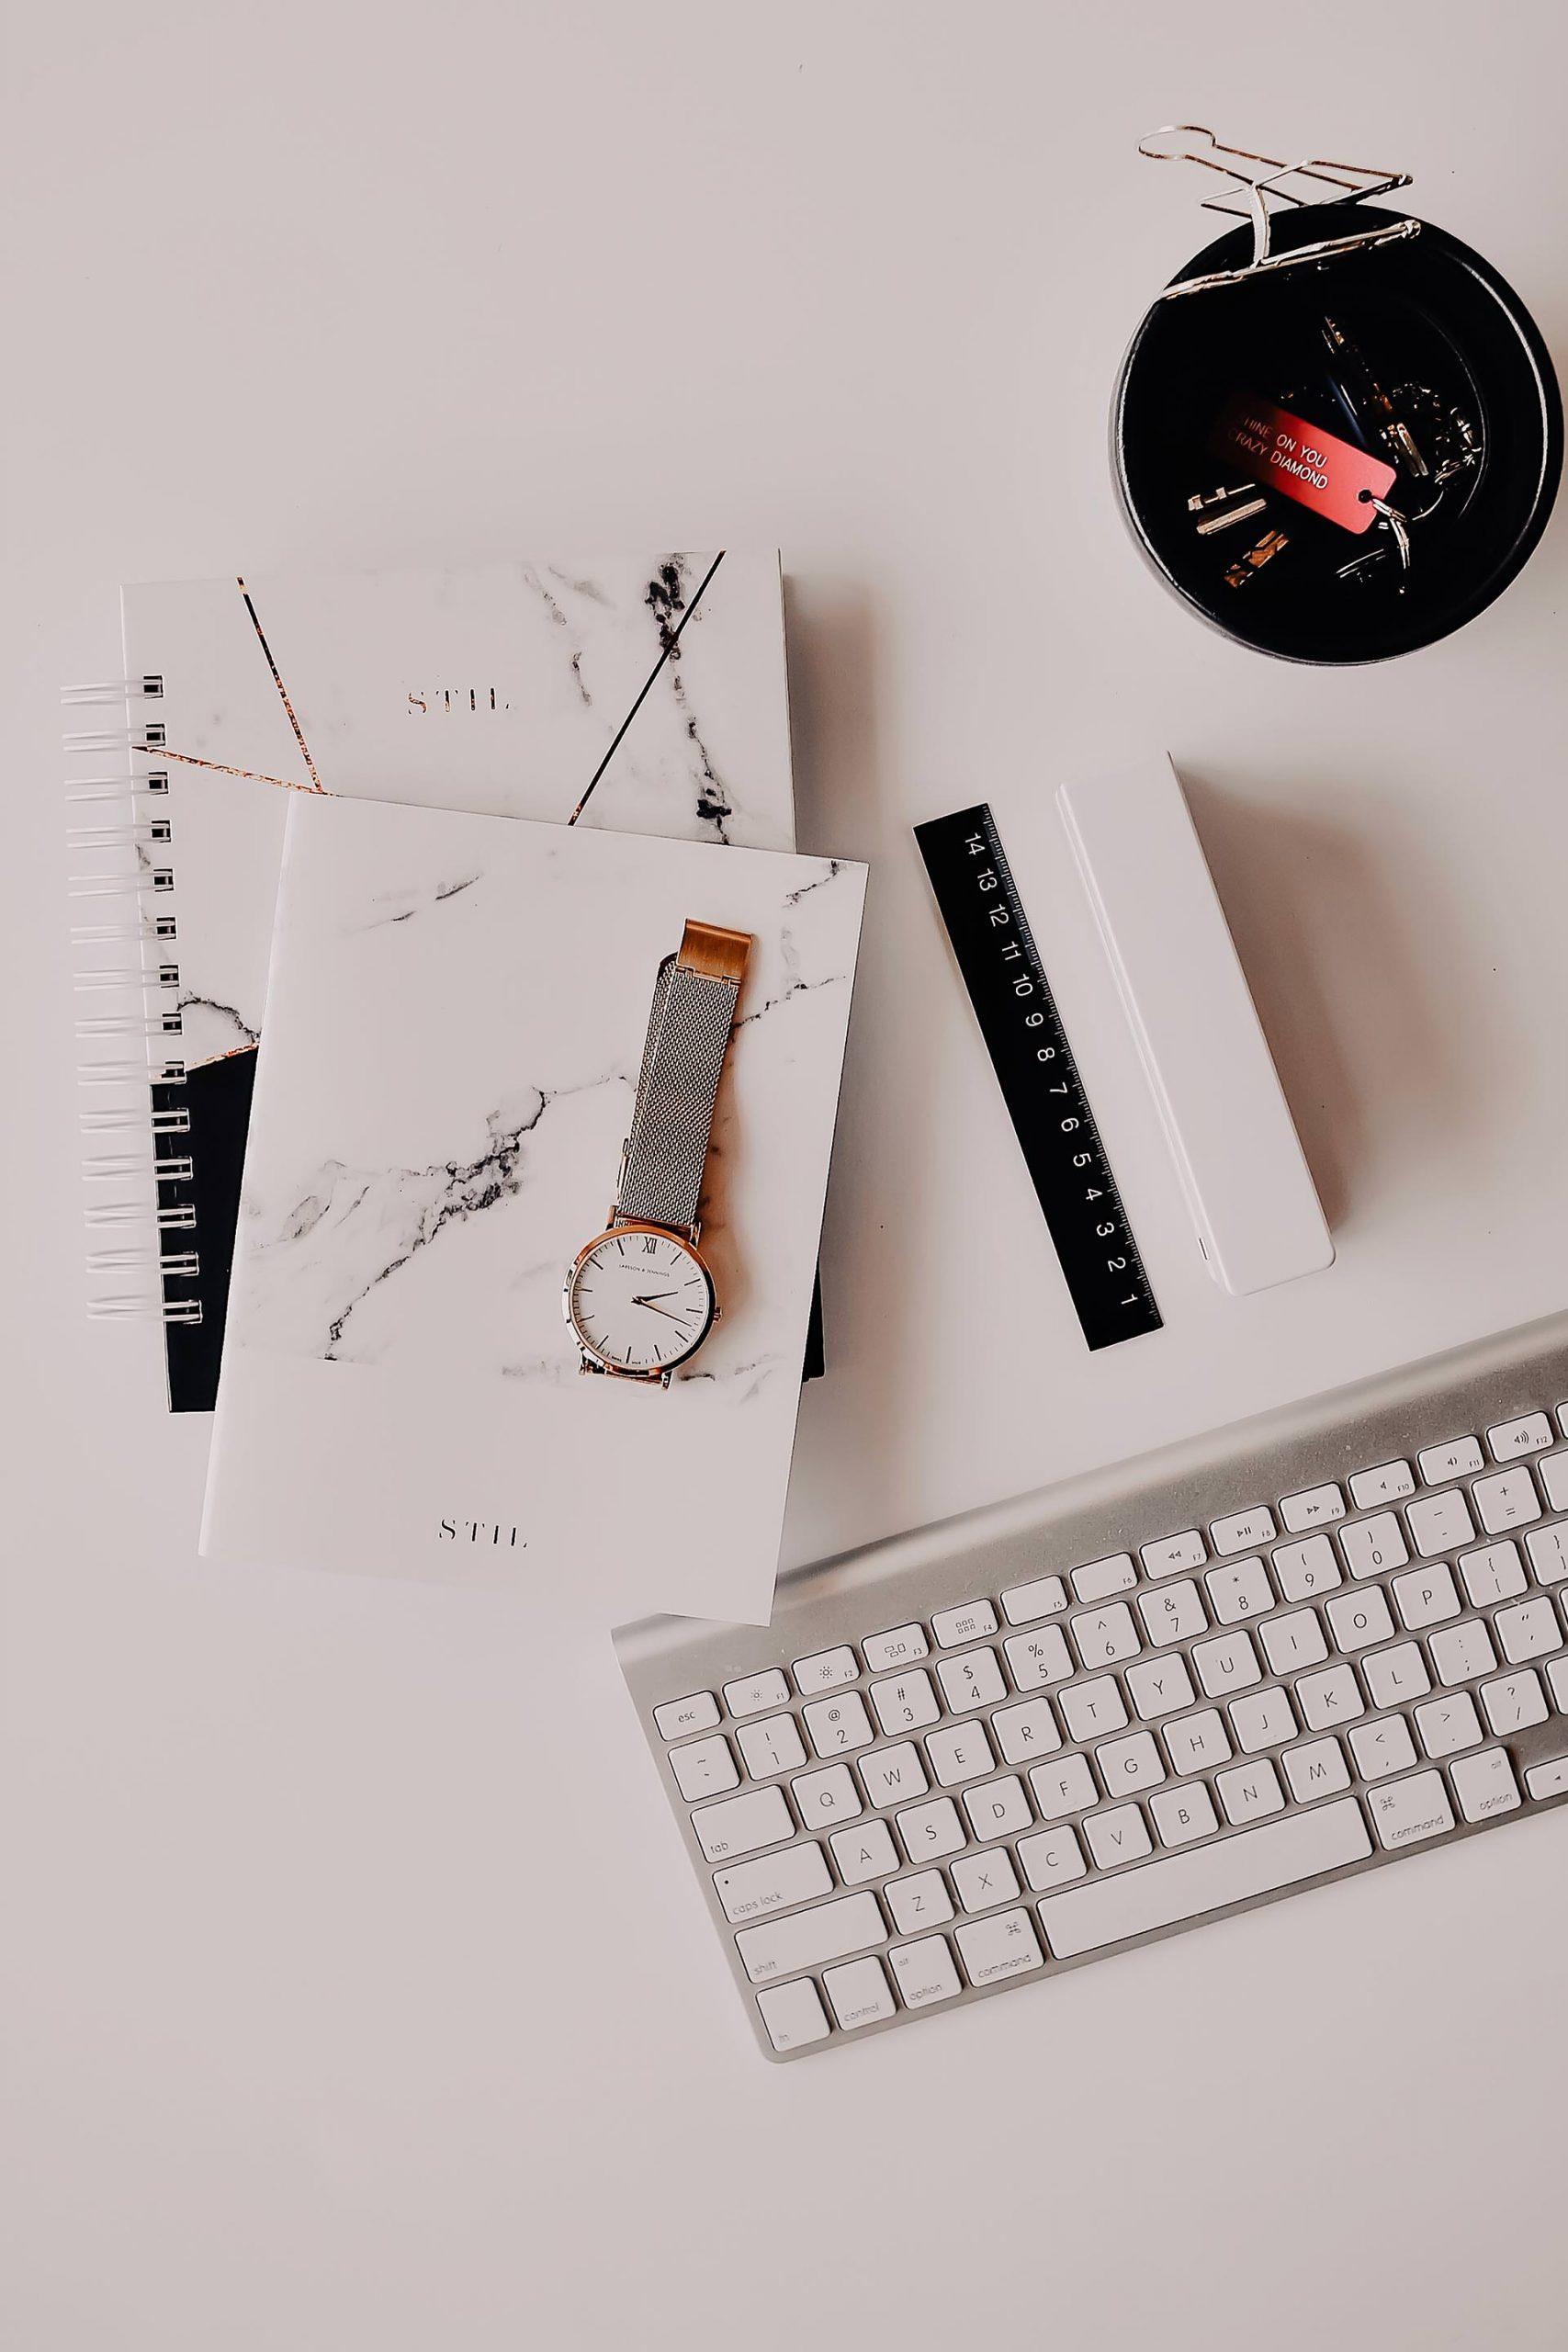 Tolle Neujahrsvorsätze, ehrgeizige Ziele und das Konzept vom Rundum-Neuanfang? Auf dem Karriere Blog habe ich 7 Tipps für mehr Gelassenheit und Energie im Job gesammelt, mit denen gut gut sortiert und organisiert ins neue Jahr startest! www.whoismocca.com #gelassenheit #karrieretipps #neujahrsvorsätze